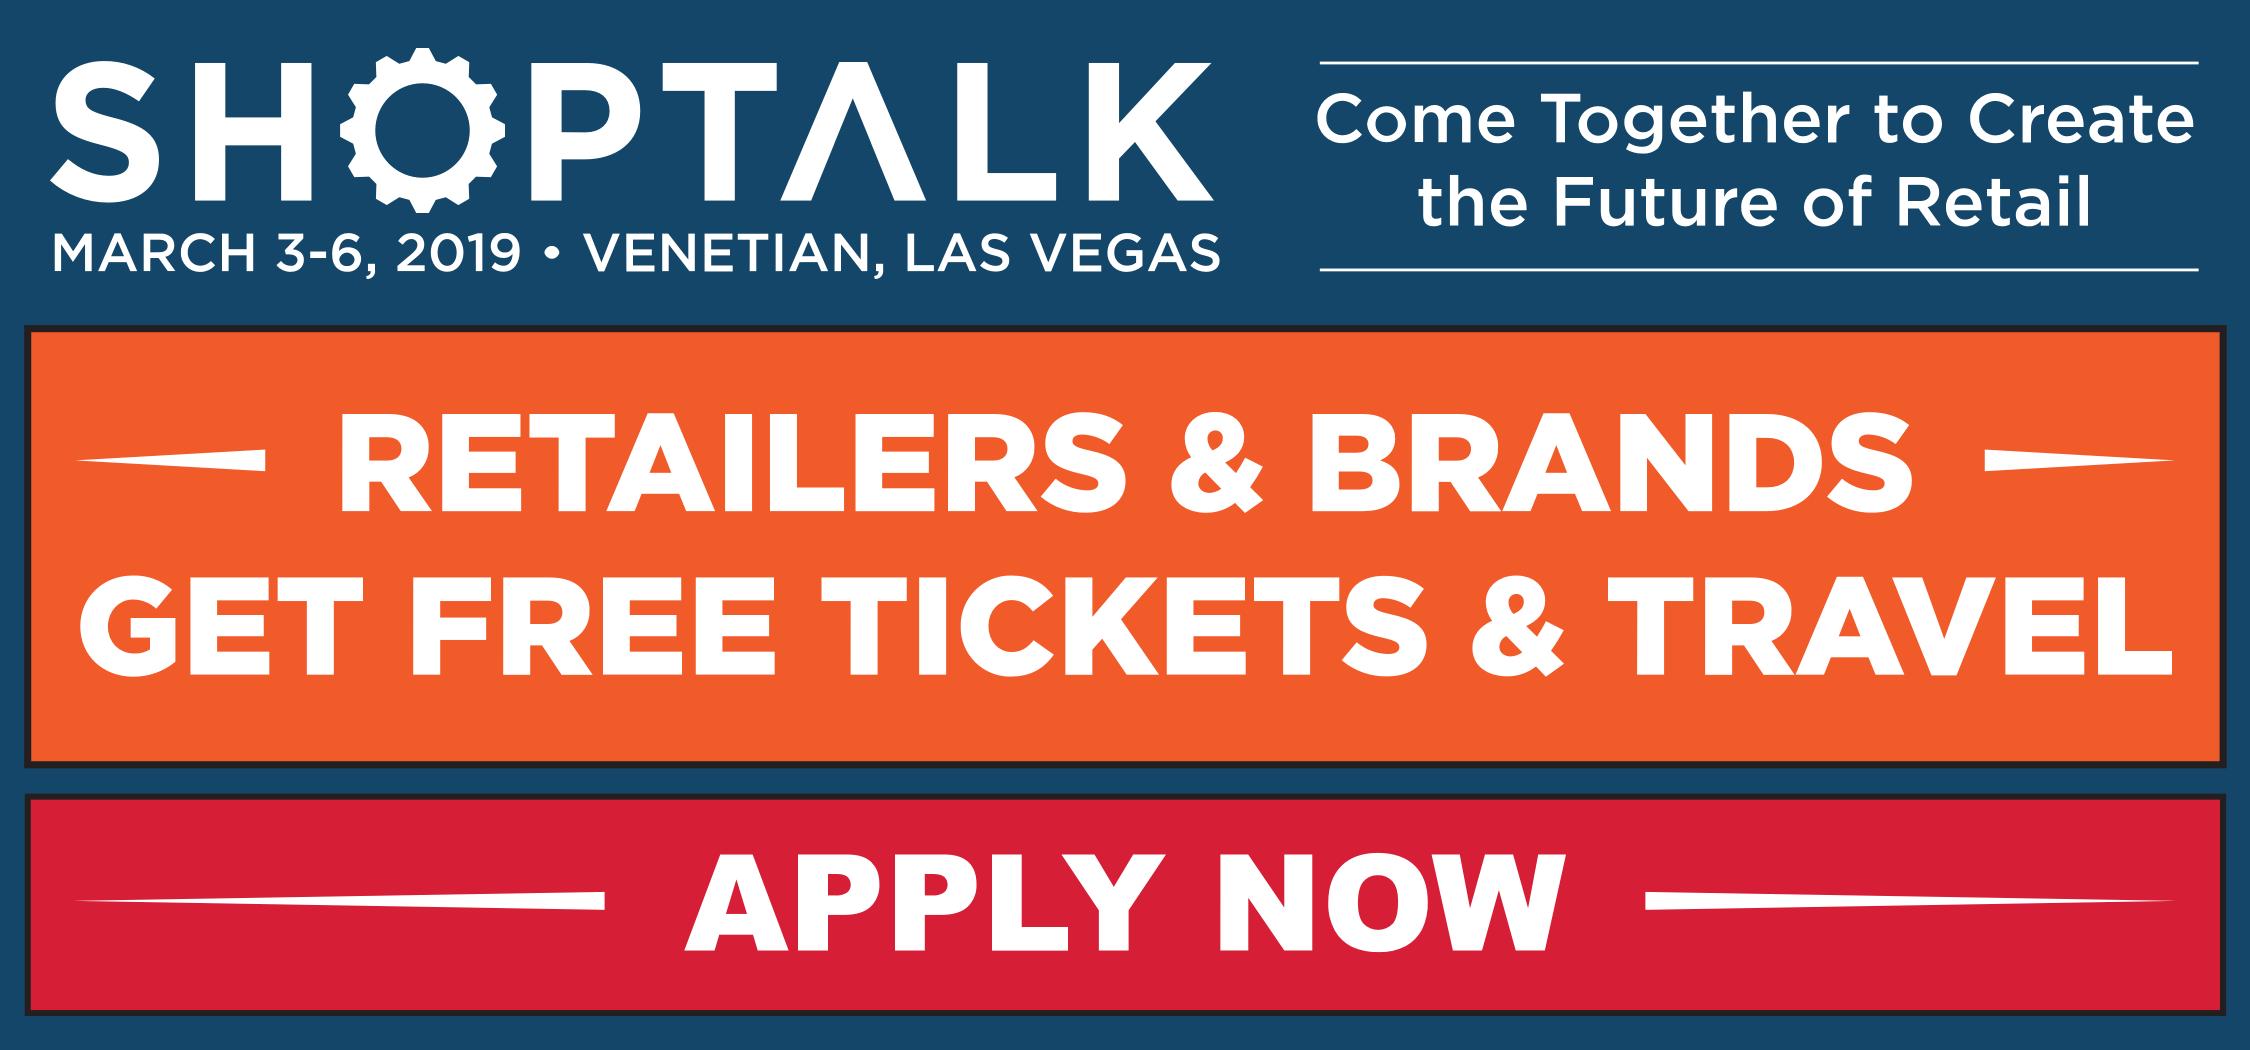 Shoptalk 2019 - Get Ticket Now